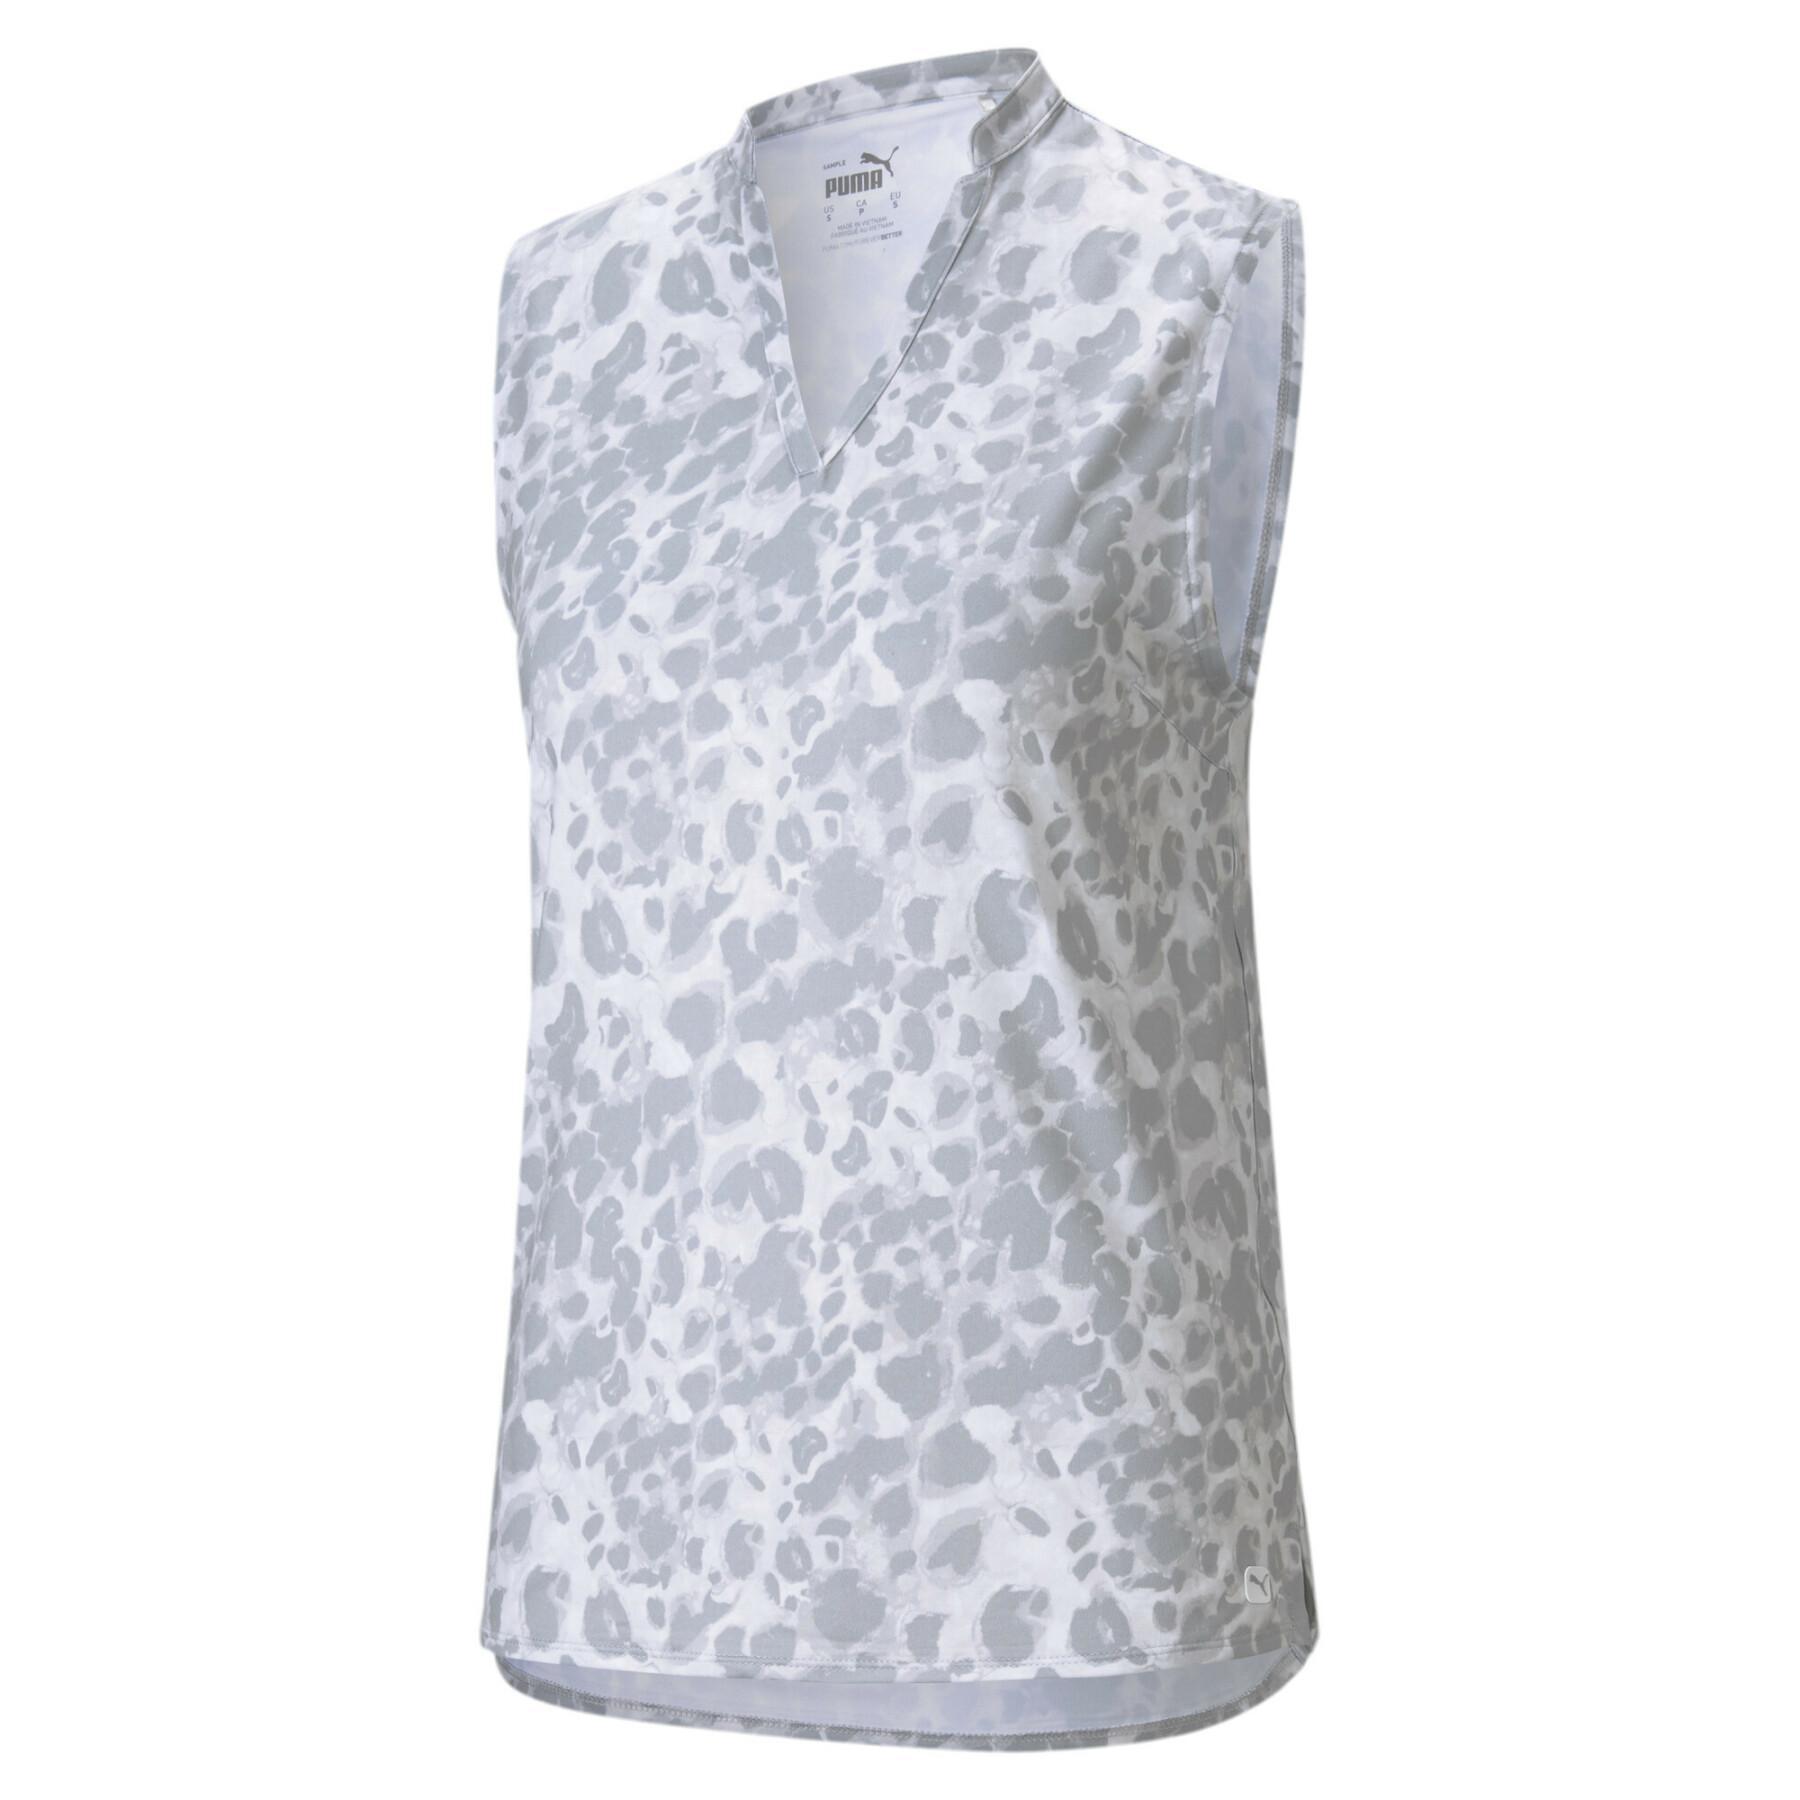 Women's polo shirt Puma Cloudspun Wilder